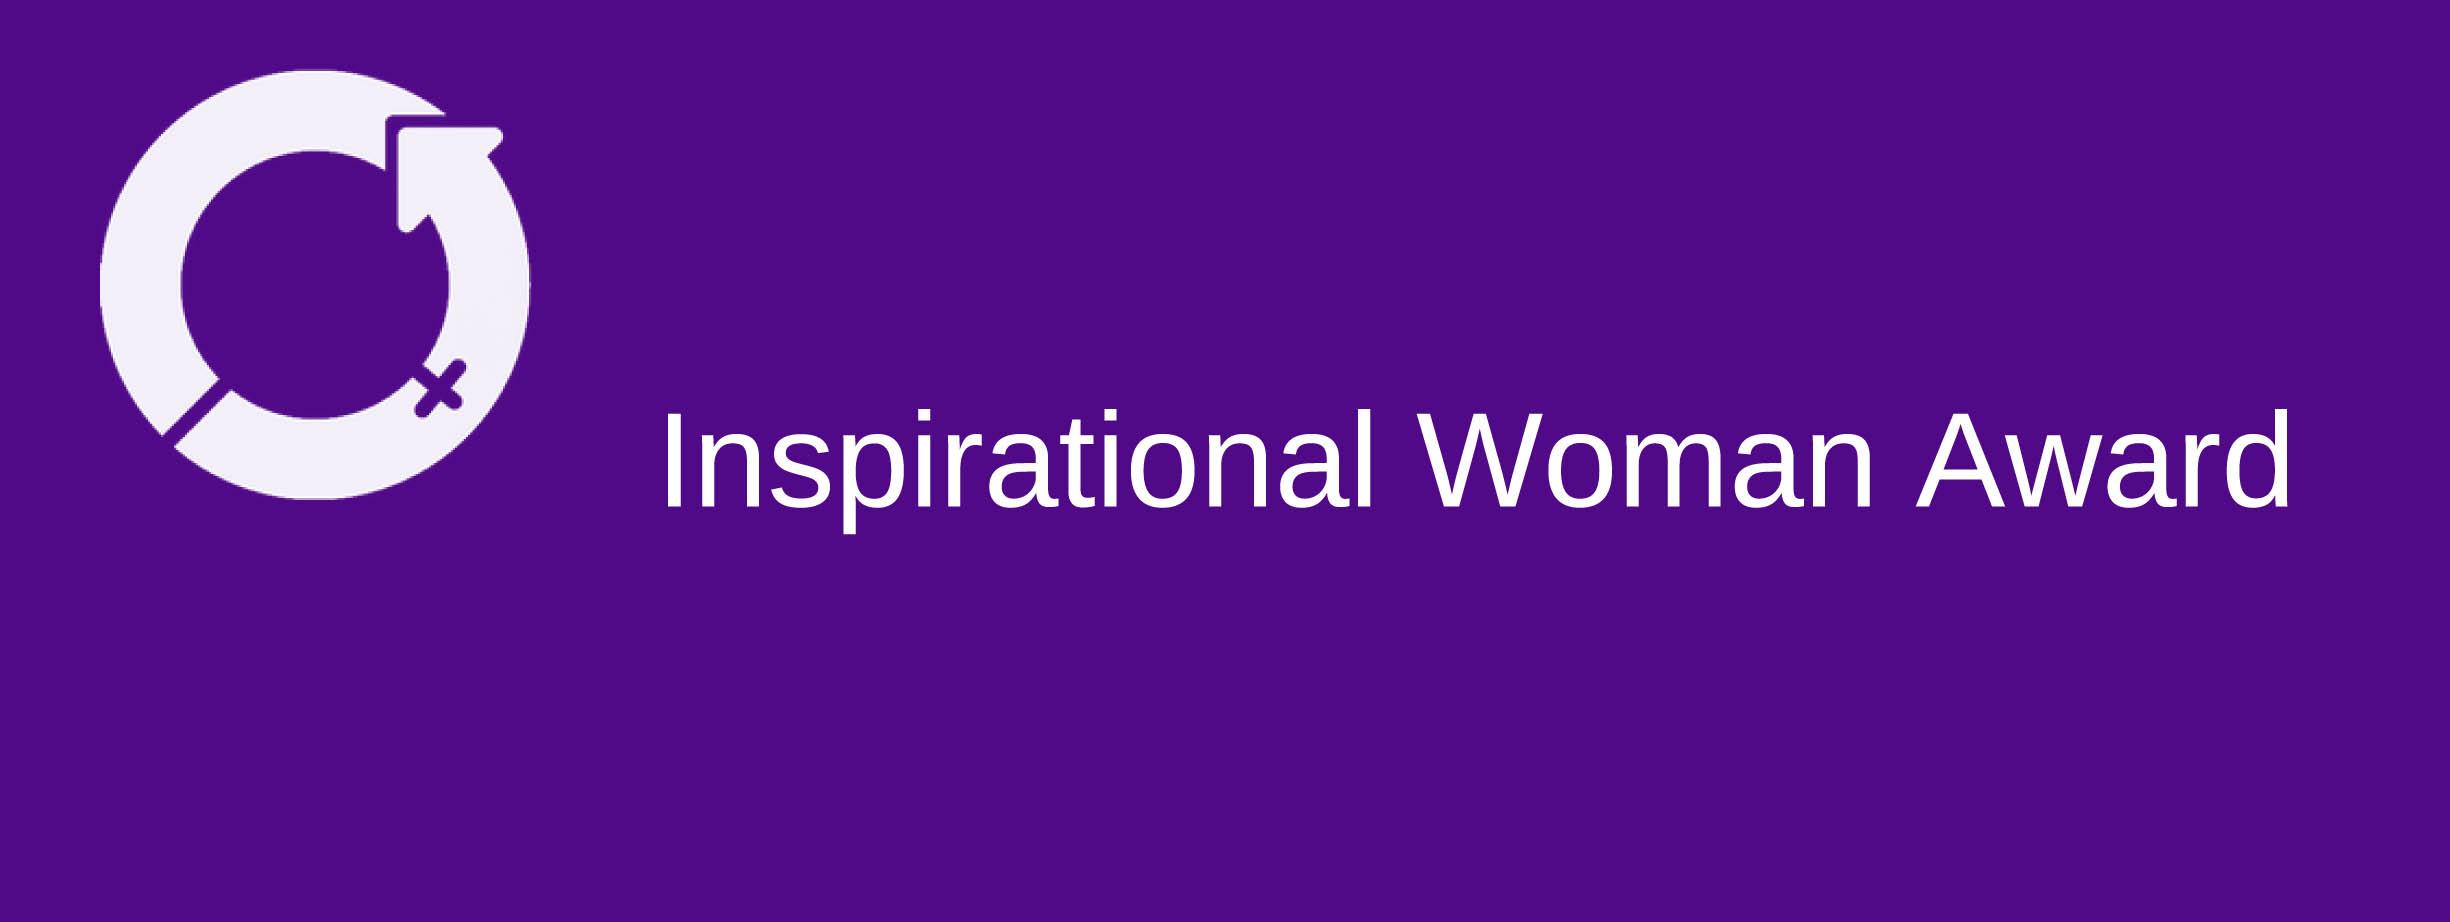 Inspirational Woman Award 2017